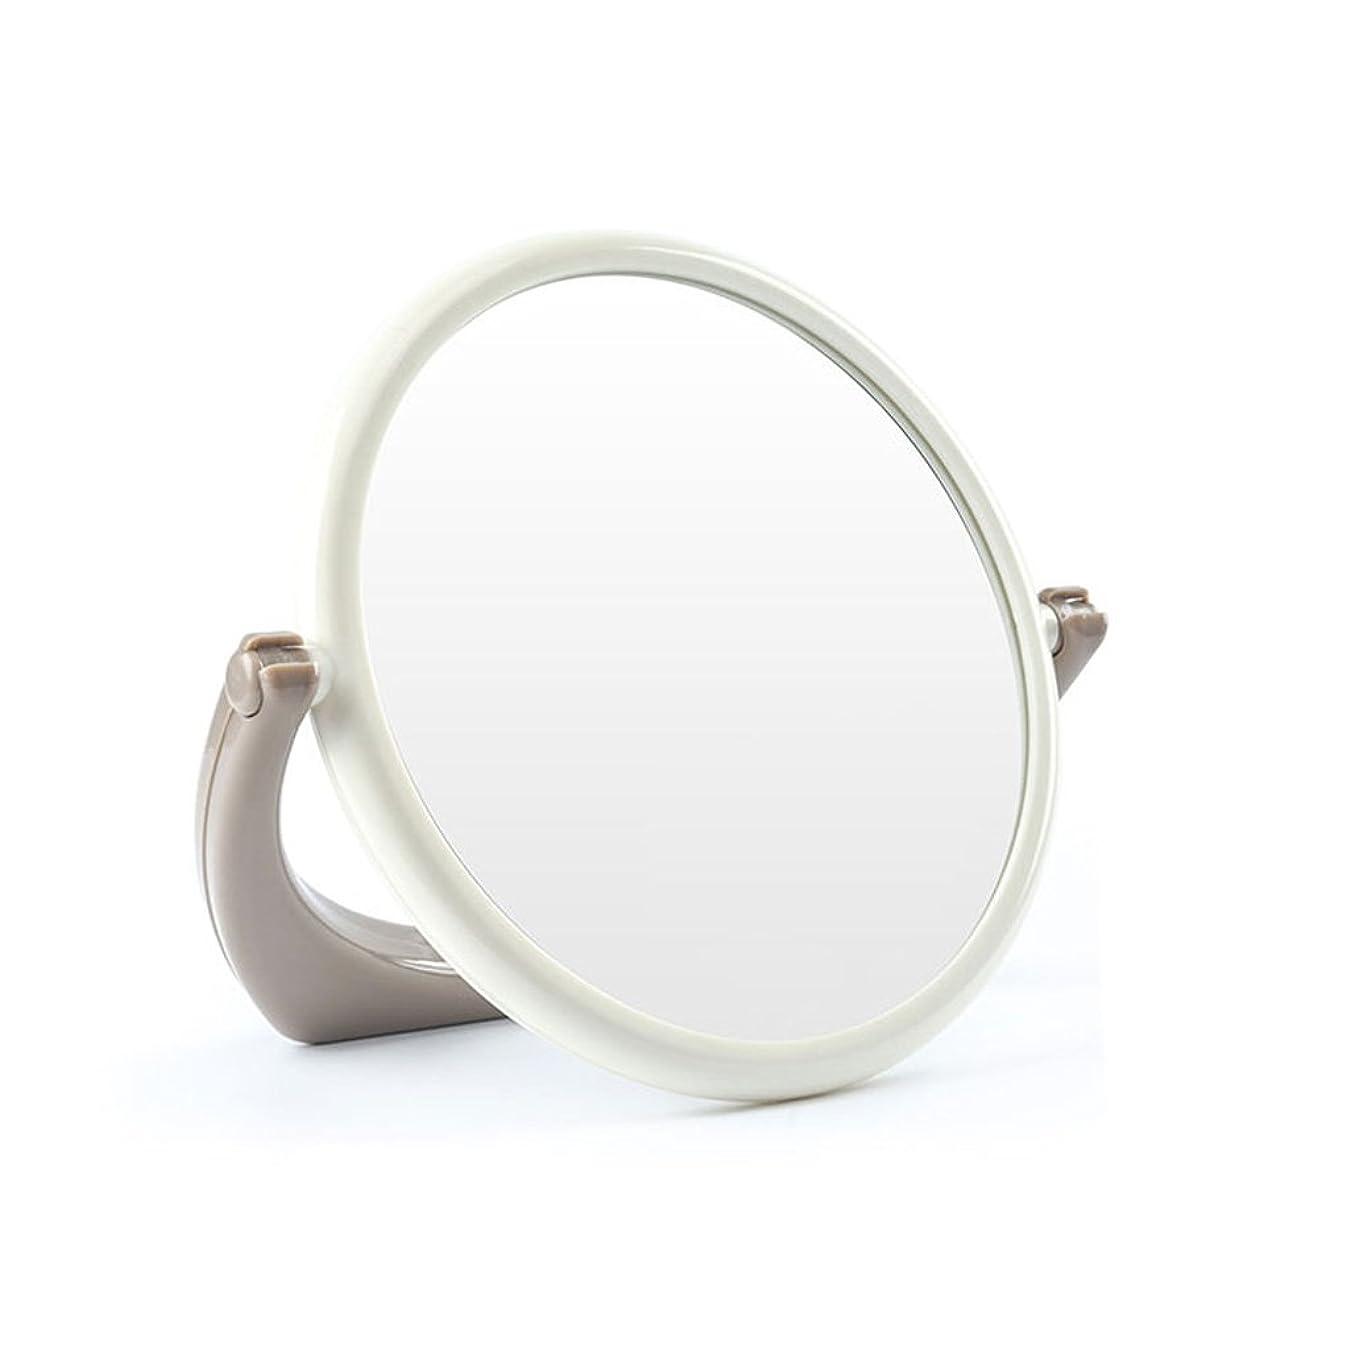 ページェントケイ素一次GSN 円形の両面化粧鏡シンプルでスタイリッシュなリビングルームバスルームデスクトップバニティミラー学生ドミトリールームミラートラベルポータブル 鏡 (Color : Brown)